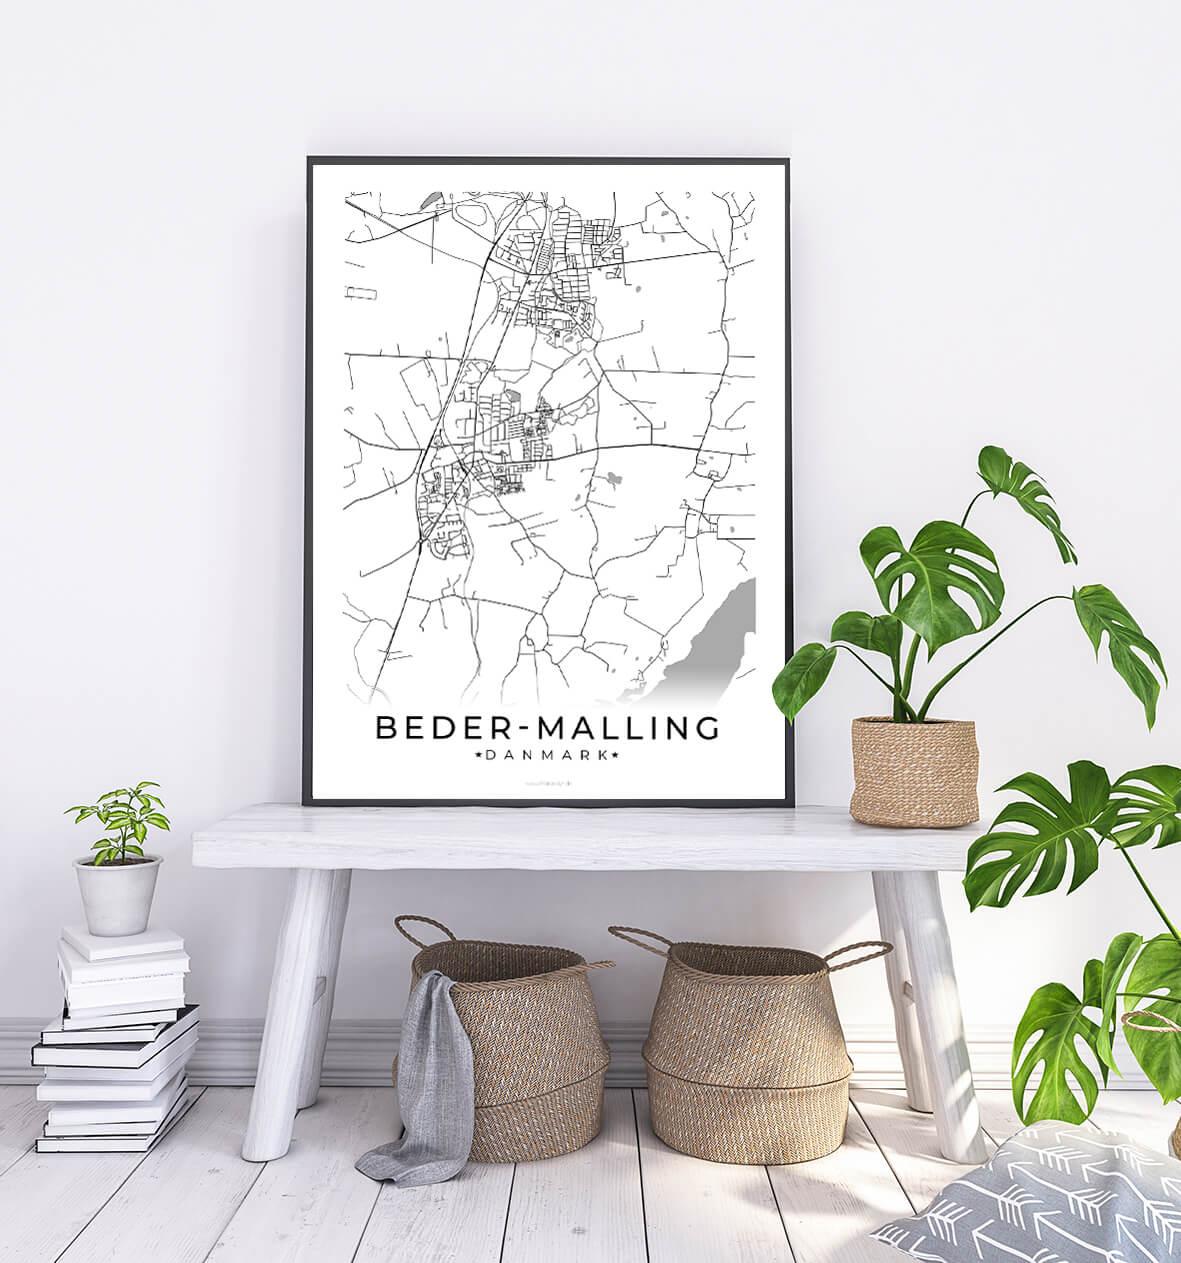 Beder-Malling-hvid-byplakat-1